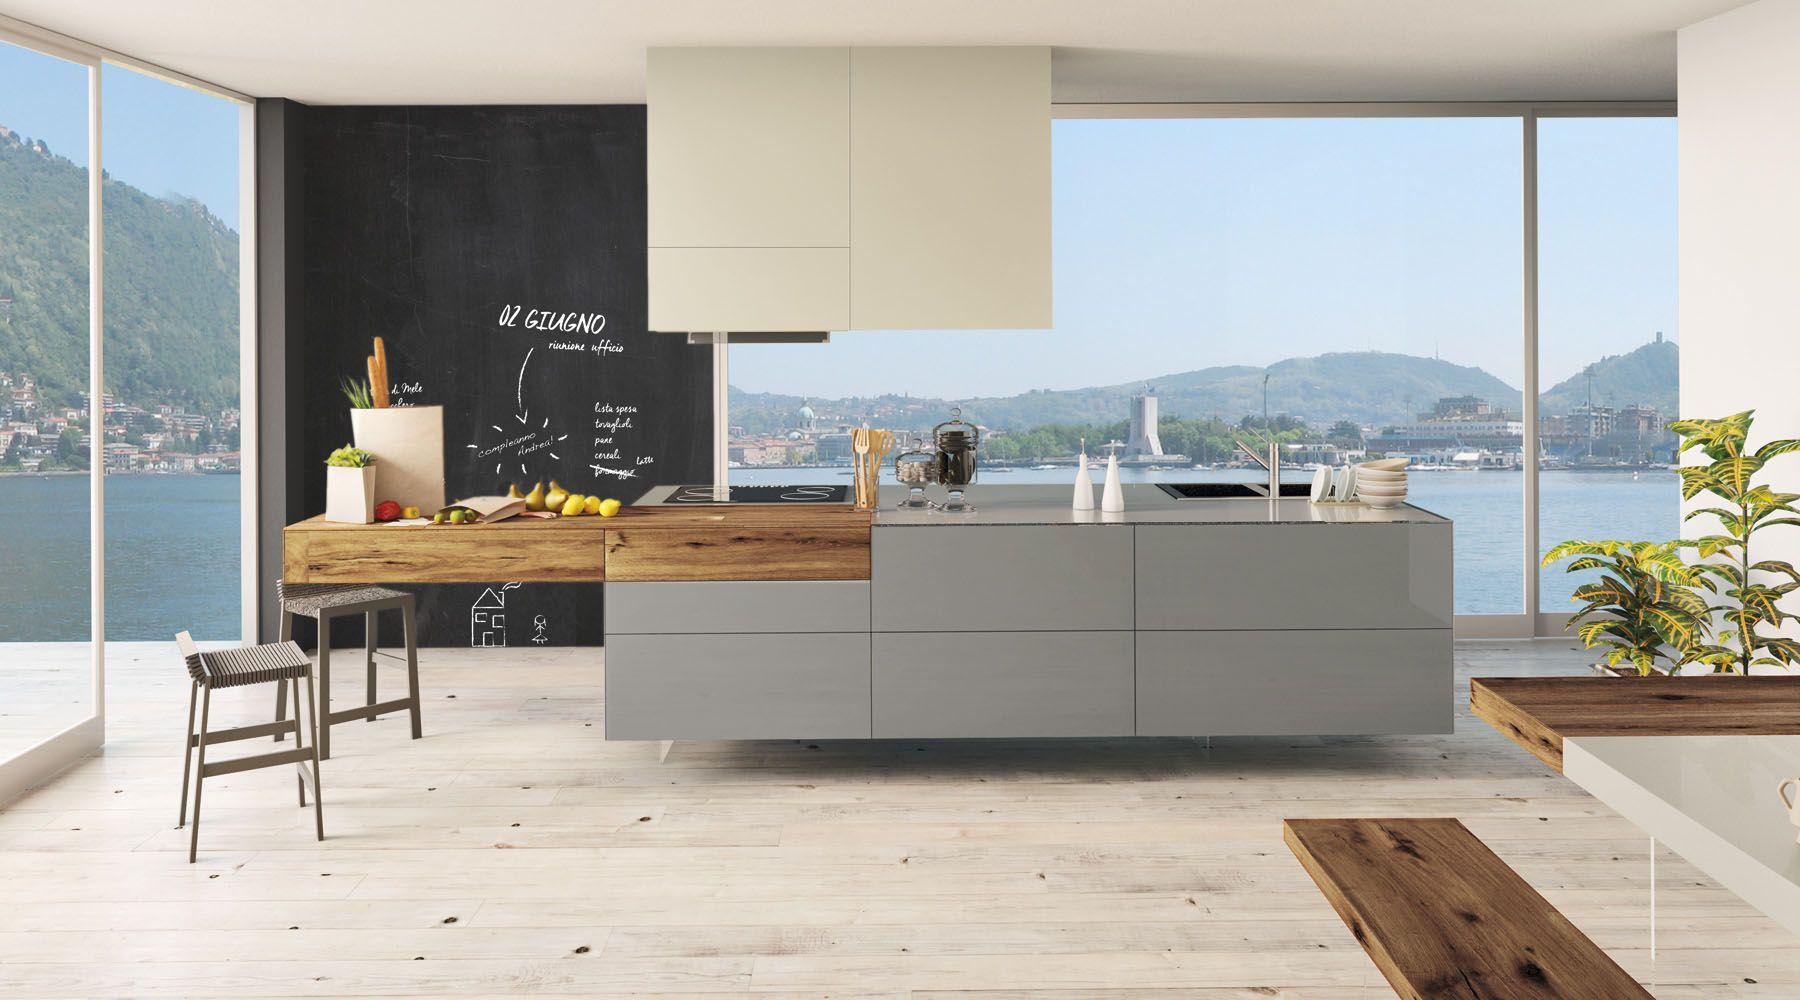 Cucina 36e8 Met Afbeeldingen Keukens Keuken Keuken Ideeen